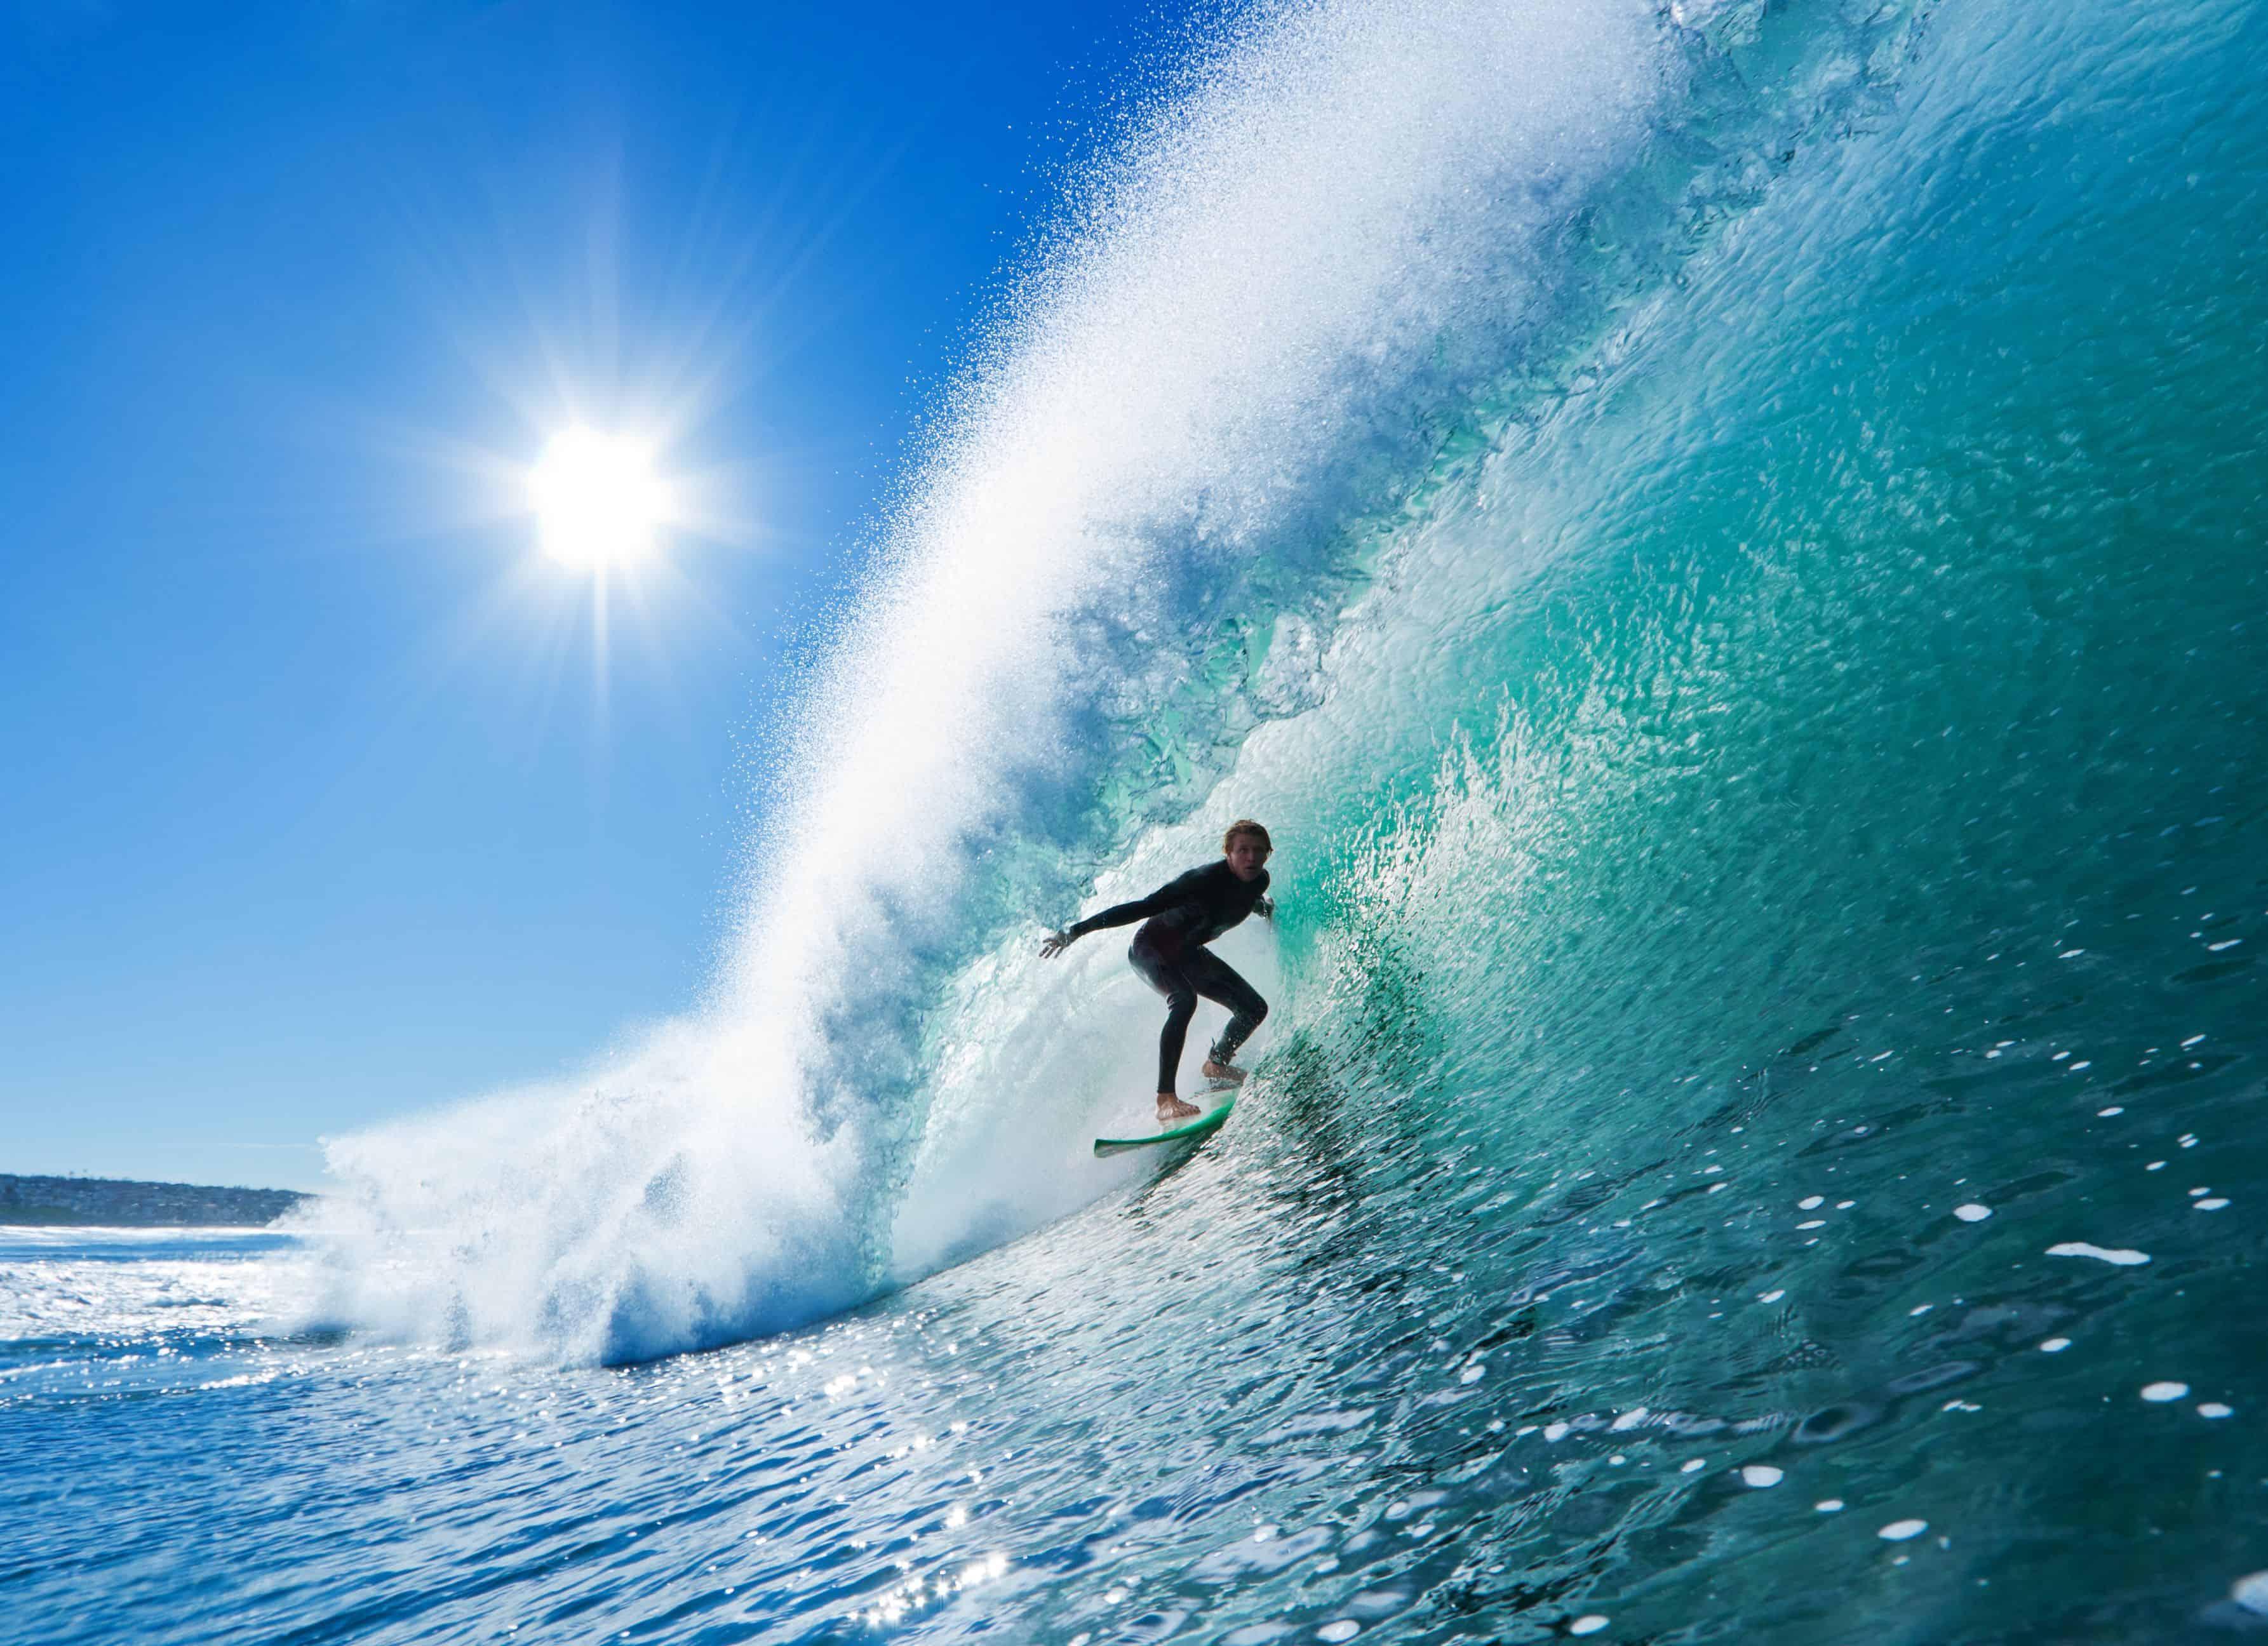 Surfer on Blue Ocean Wave in the Barrel